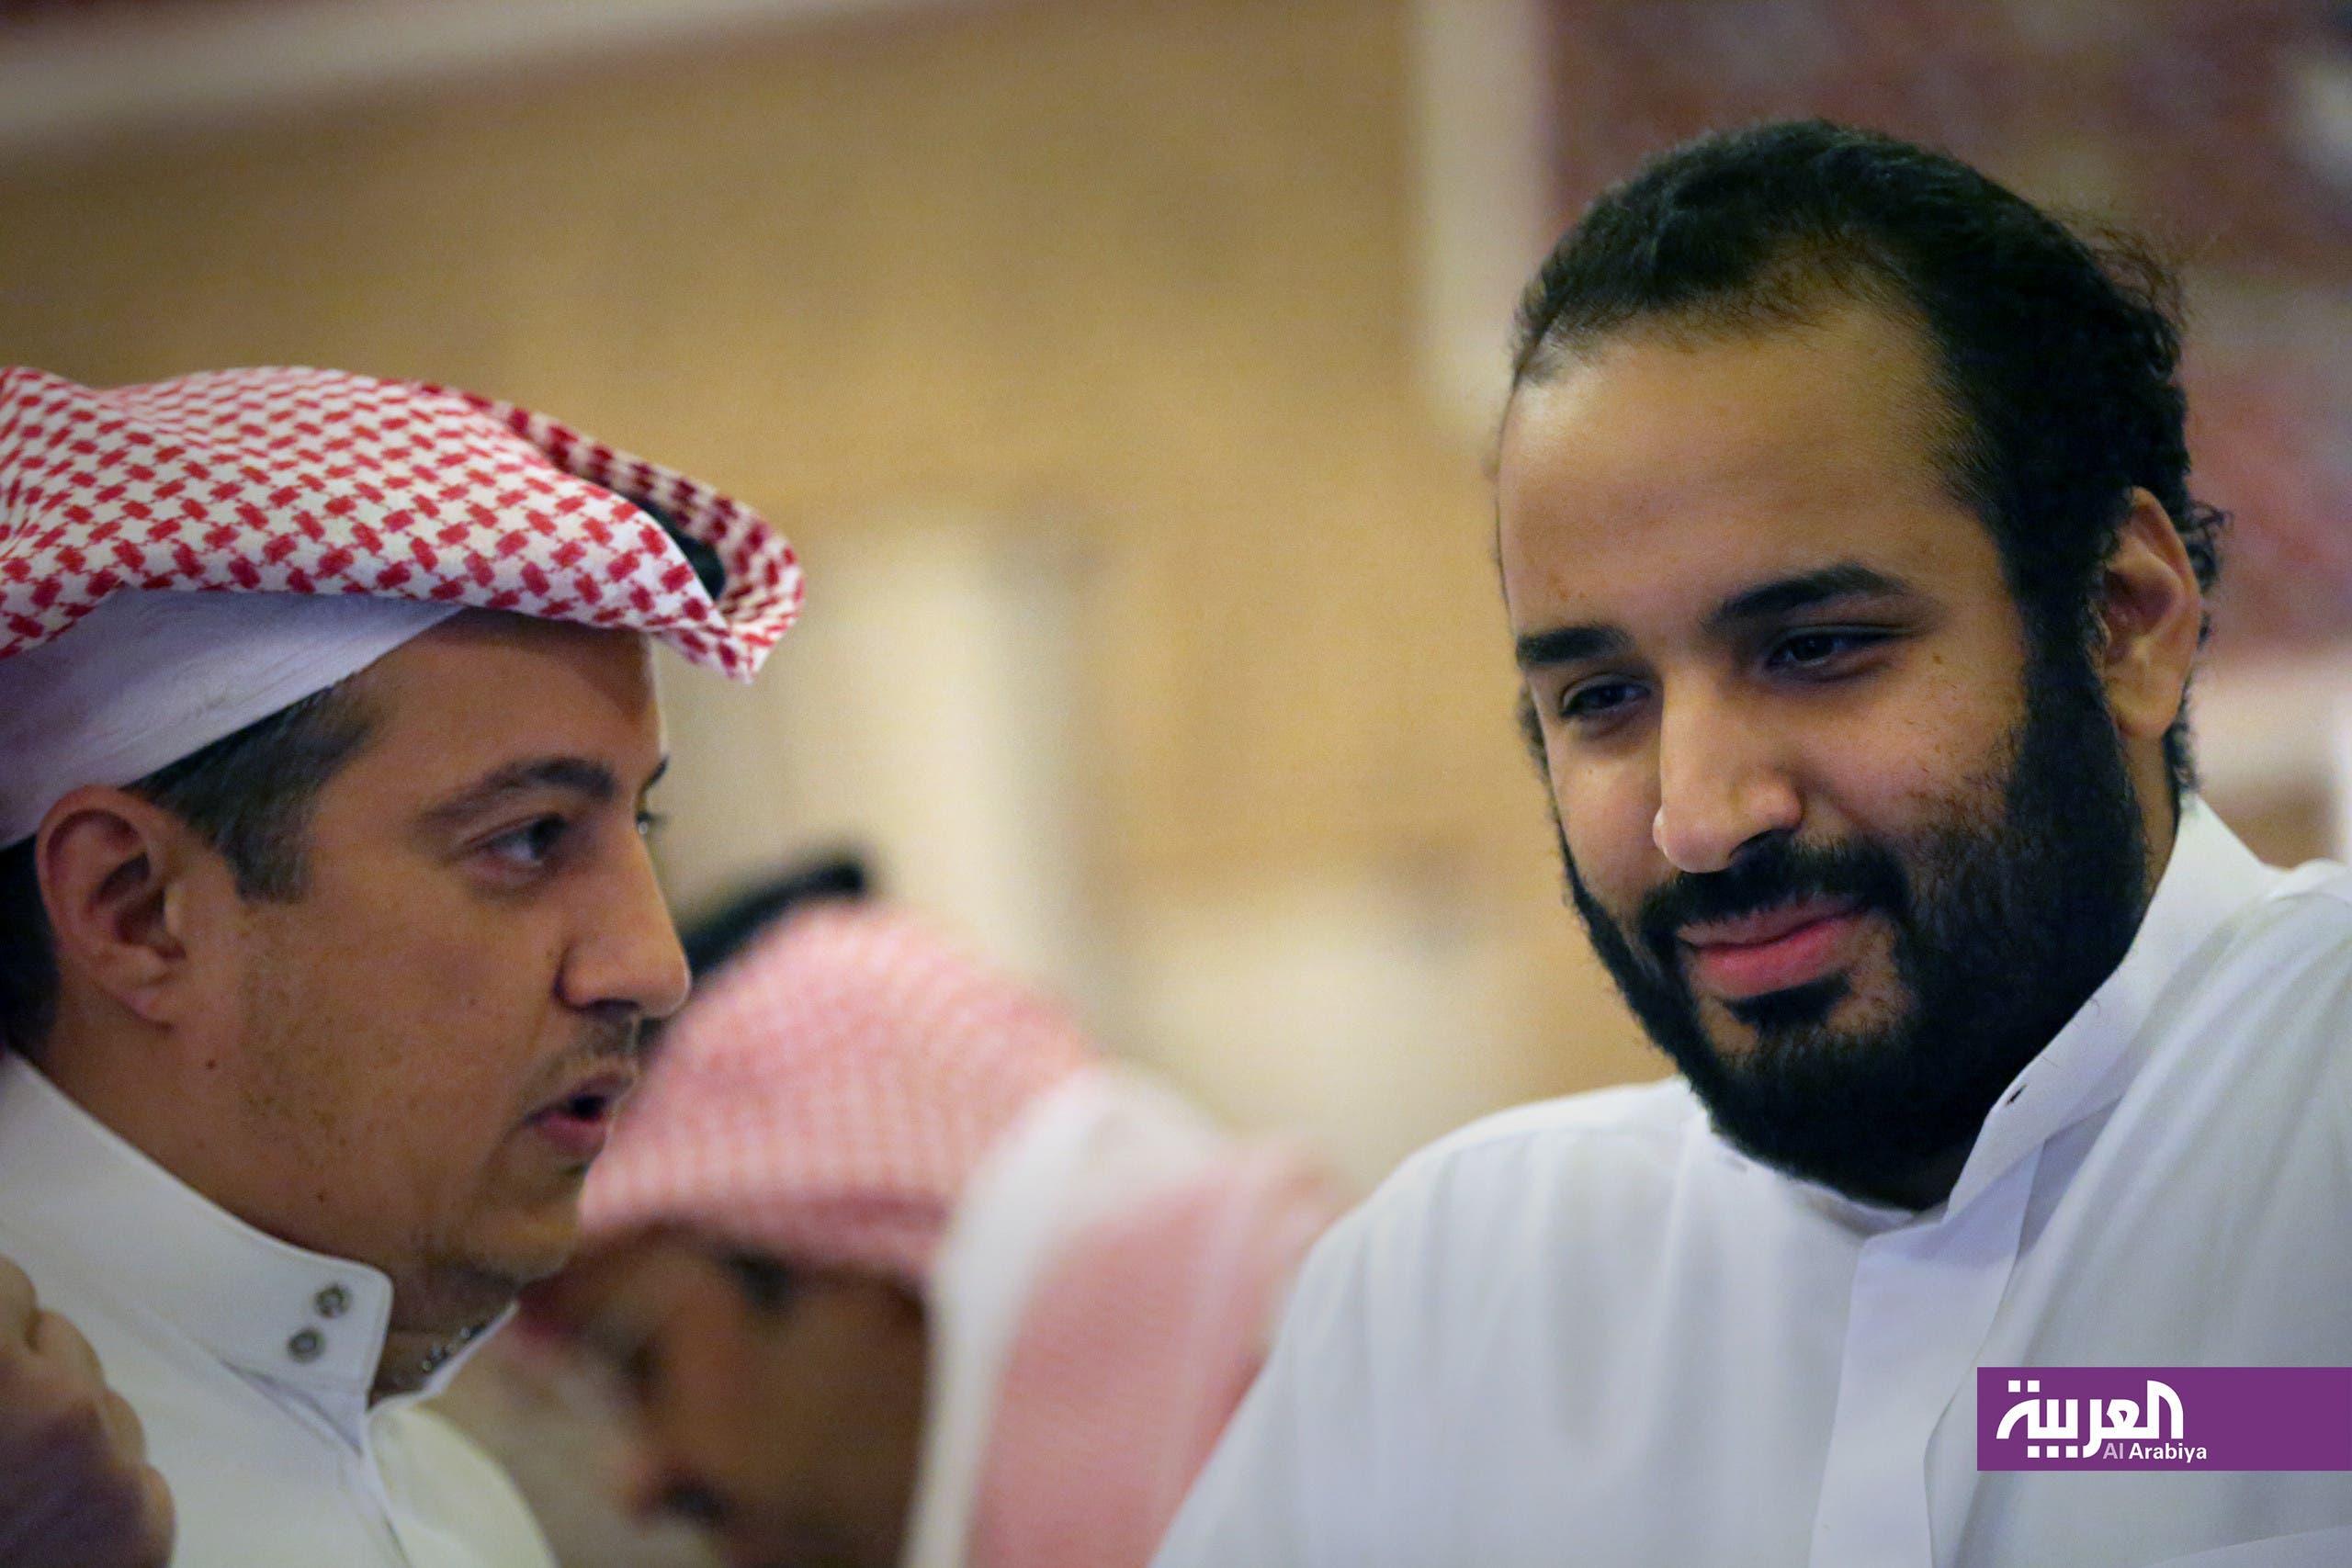 من كواليس مقابلة العربية مع ولي ولي العهد السعودي الأمير محمد بن سلمان